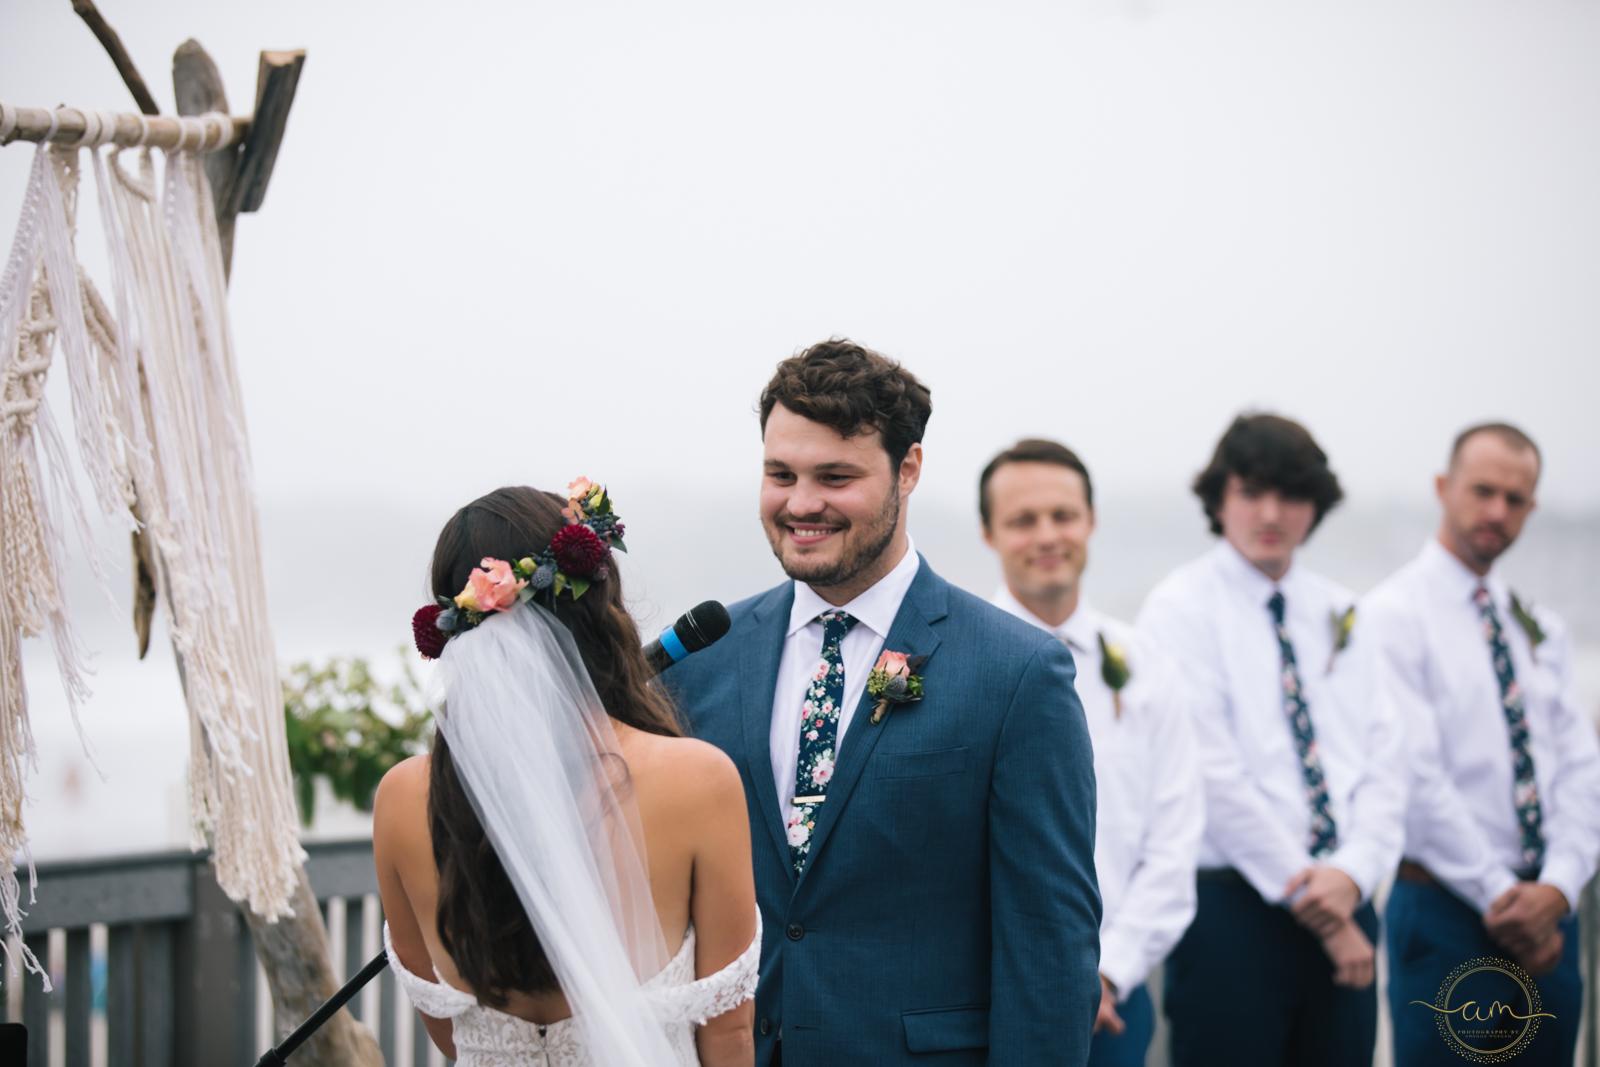 Narragansett-RI-Beach-Wedding-Amanda-Morgan-54.jpg